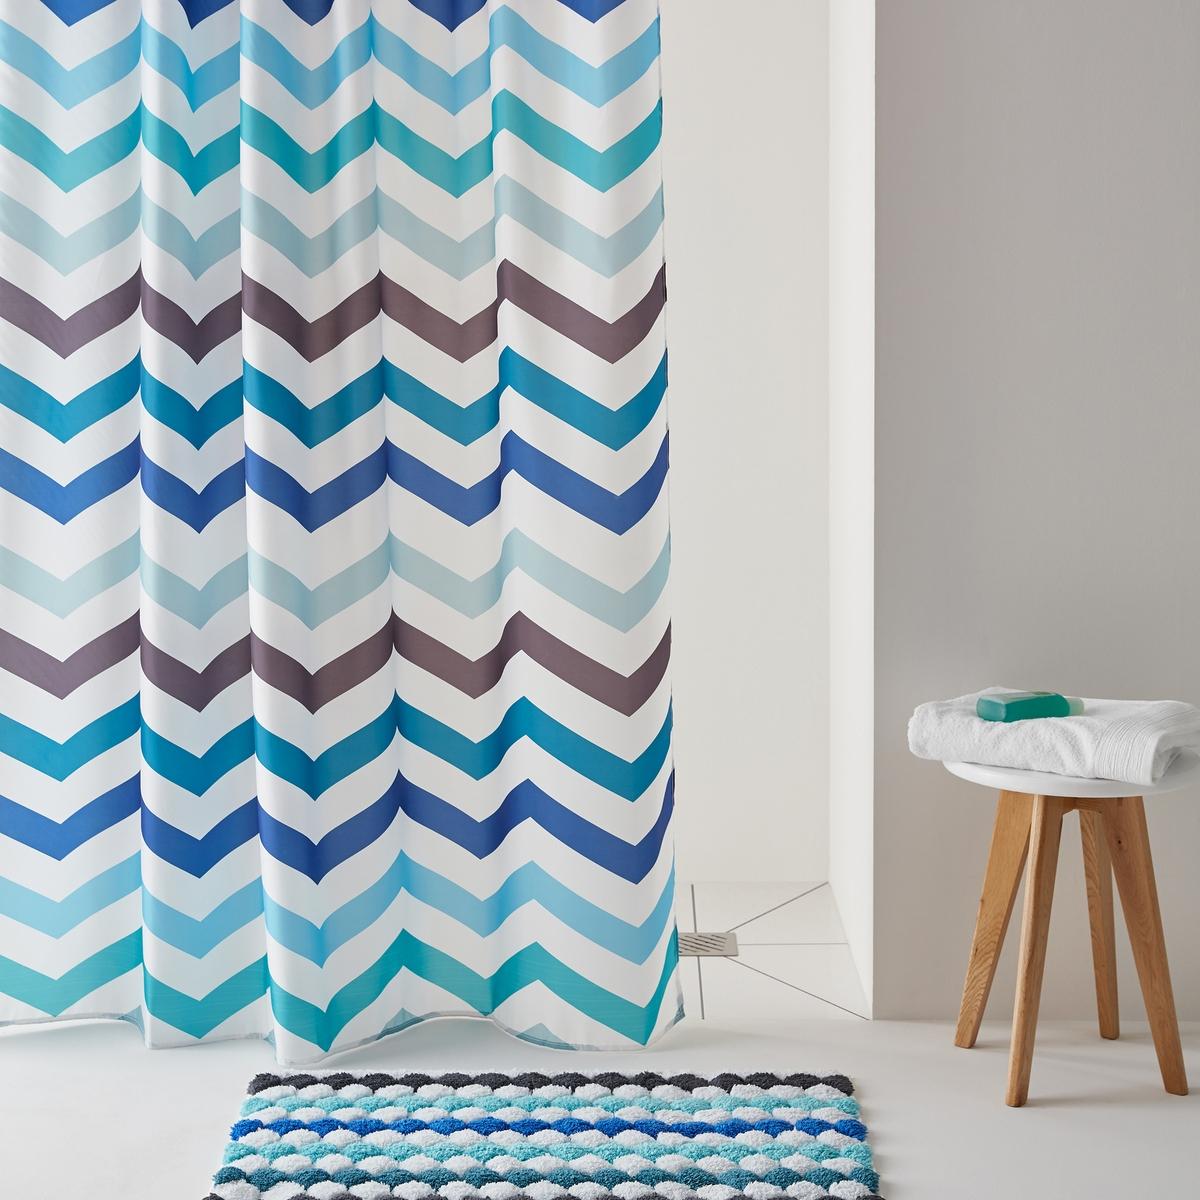 Разноцветная штора для душа с рисунком ZIGZAGРазноцветная штора для душа с рисунком ZIGZAG.Штора для душа сверкающей расцветки с бодрящим графичным рисунком! Можно комбинировать с ковриком для ванны, представленным на сайте. Характеристикишторы:Материал:  100% полиэстер.Утяжеленный низ для лучшего натяжения.С люверсами.Уход:Машинная стирка при 40°С.Размеры шторы:180 x 200 см.<br><br>Цвет: синий/ зеленый<br>Размер: 200 x 180 см